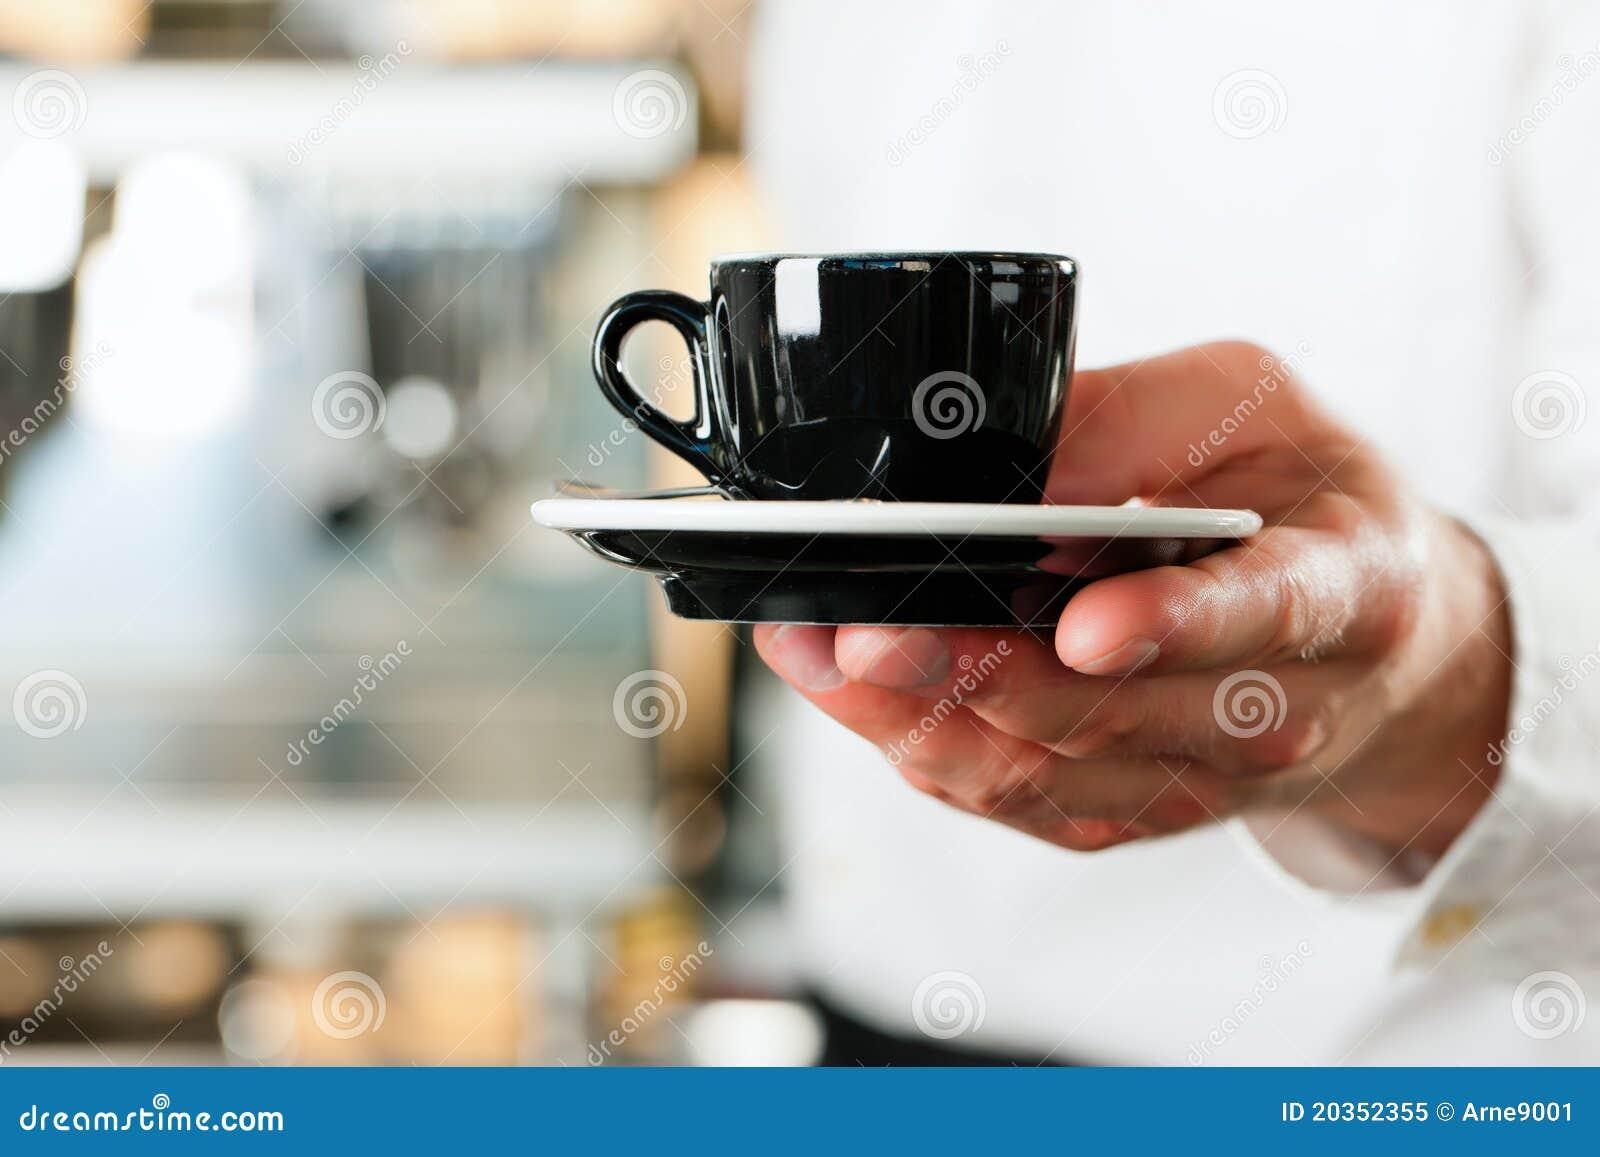 настоящие моменты coffeeshop кофе капучино barista